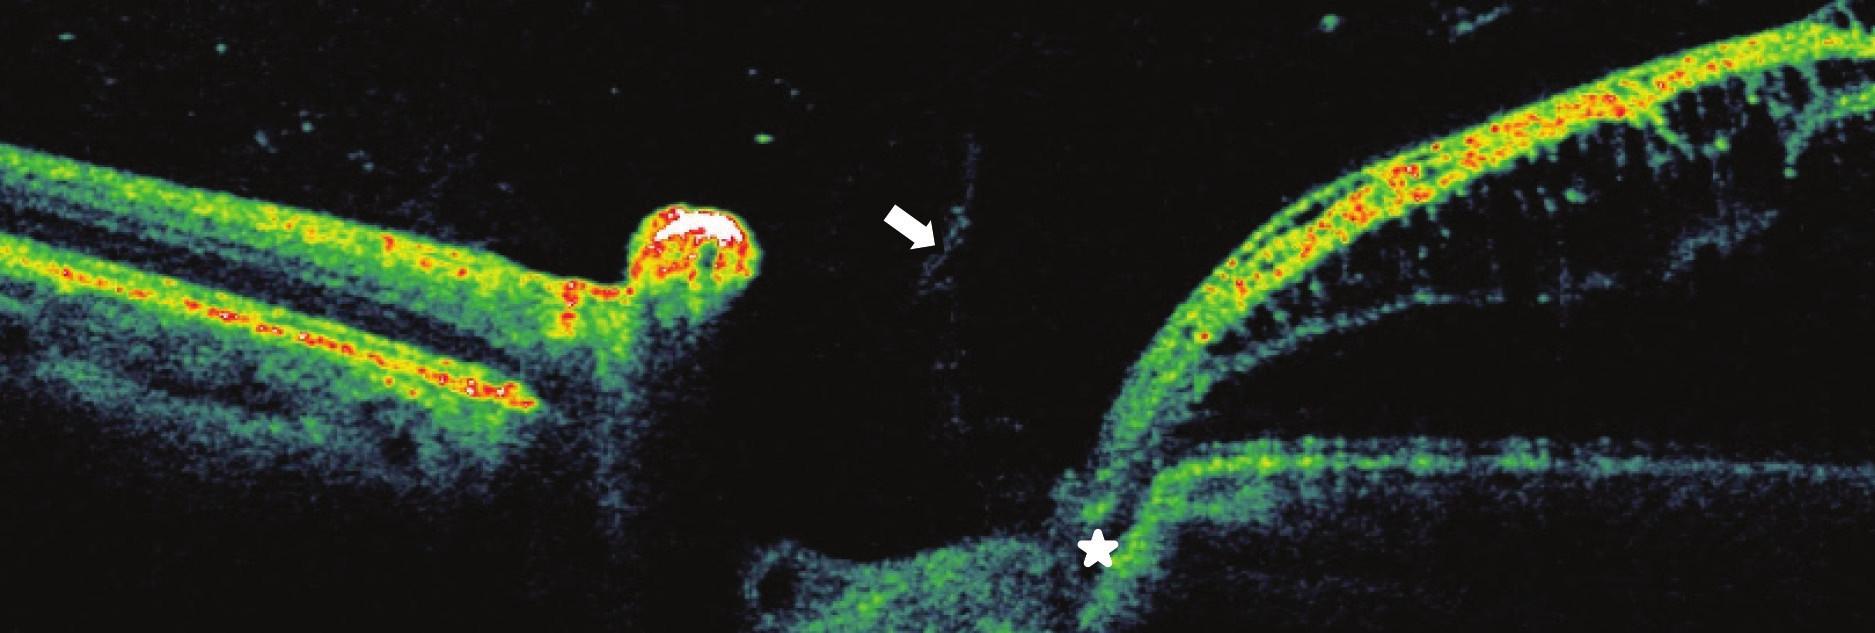 Pacient č. 4 Lineární horizontální transpapilární OCT scan OL, interpapilární proliferace (šipka), zachycena komunikace jamky terče s makulární retinoschízou zevní vrstvy sítnice RSE*